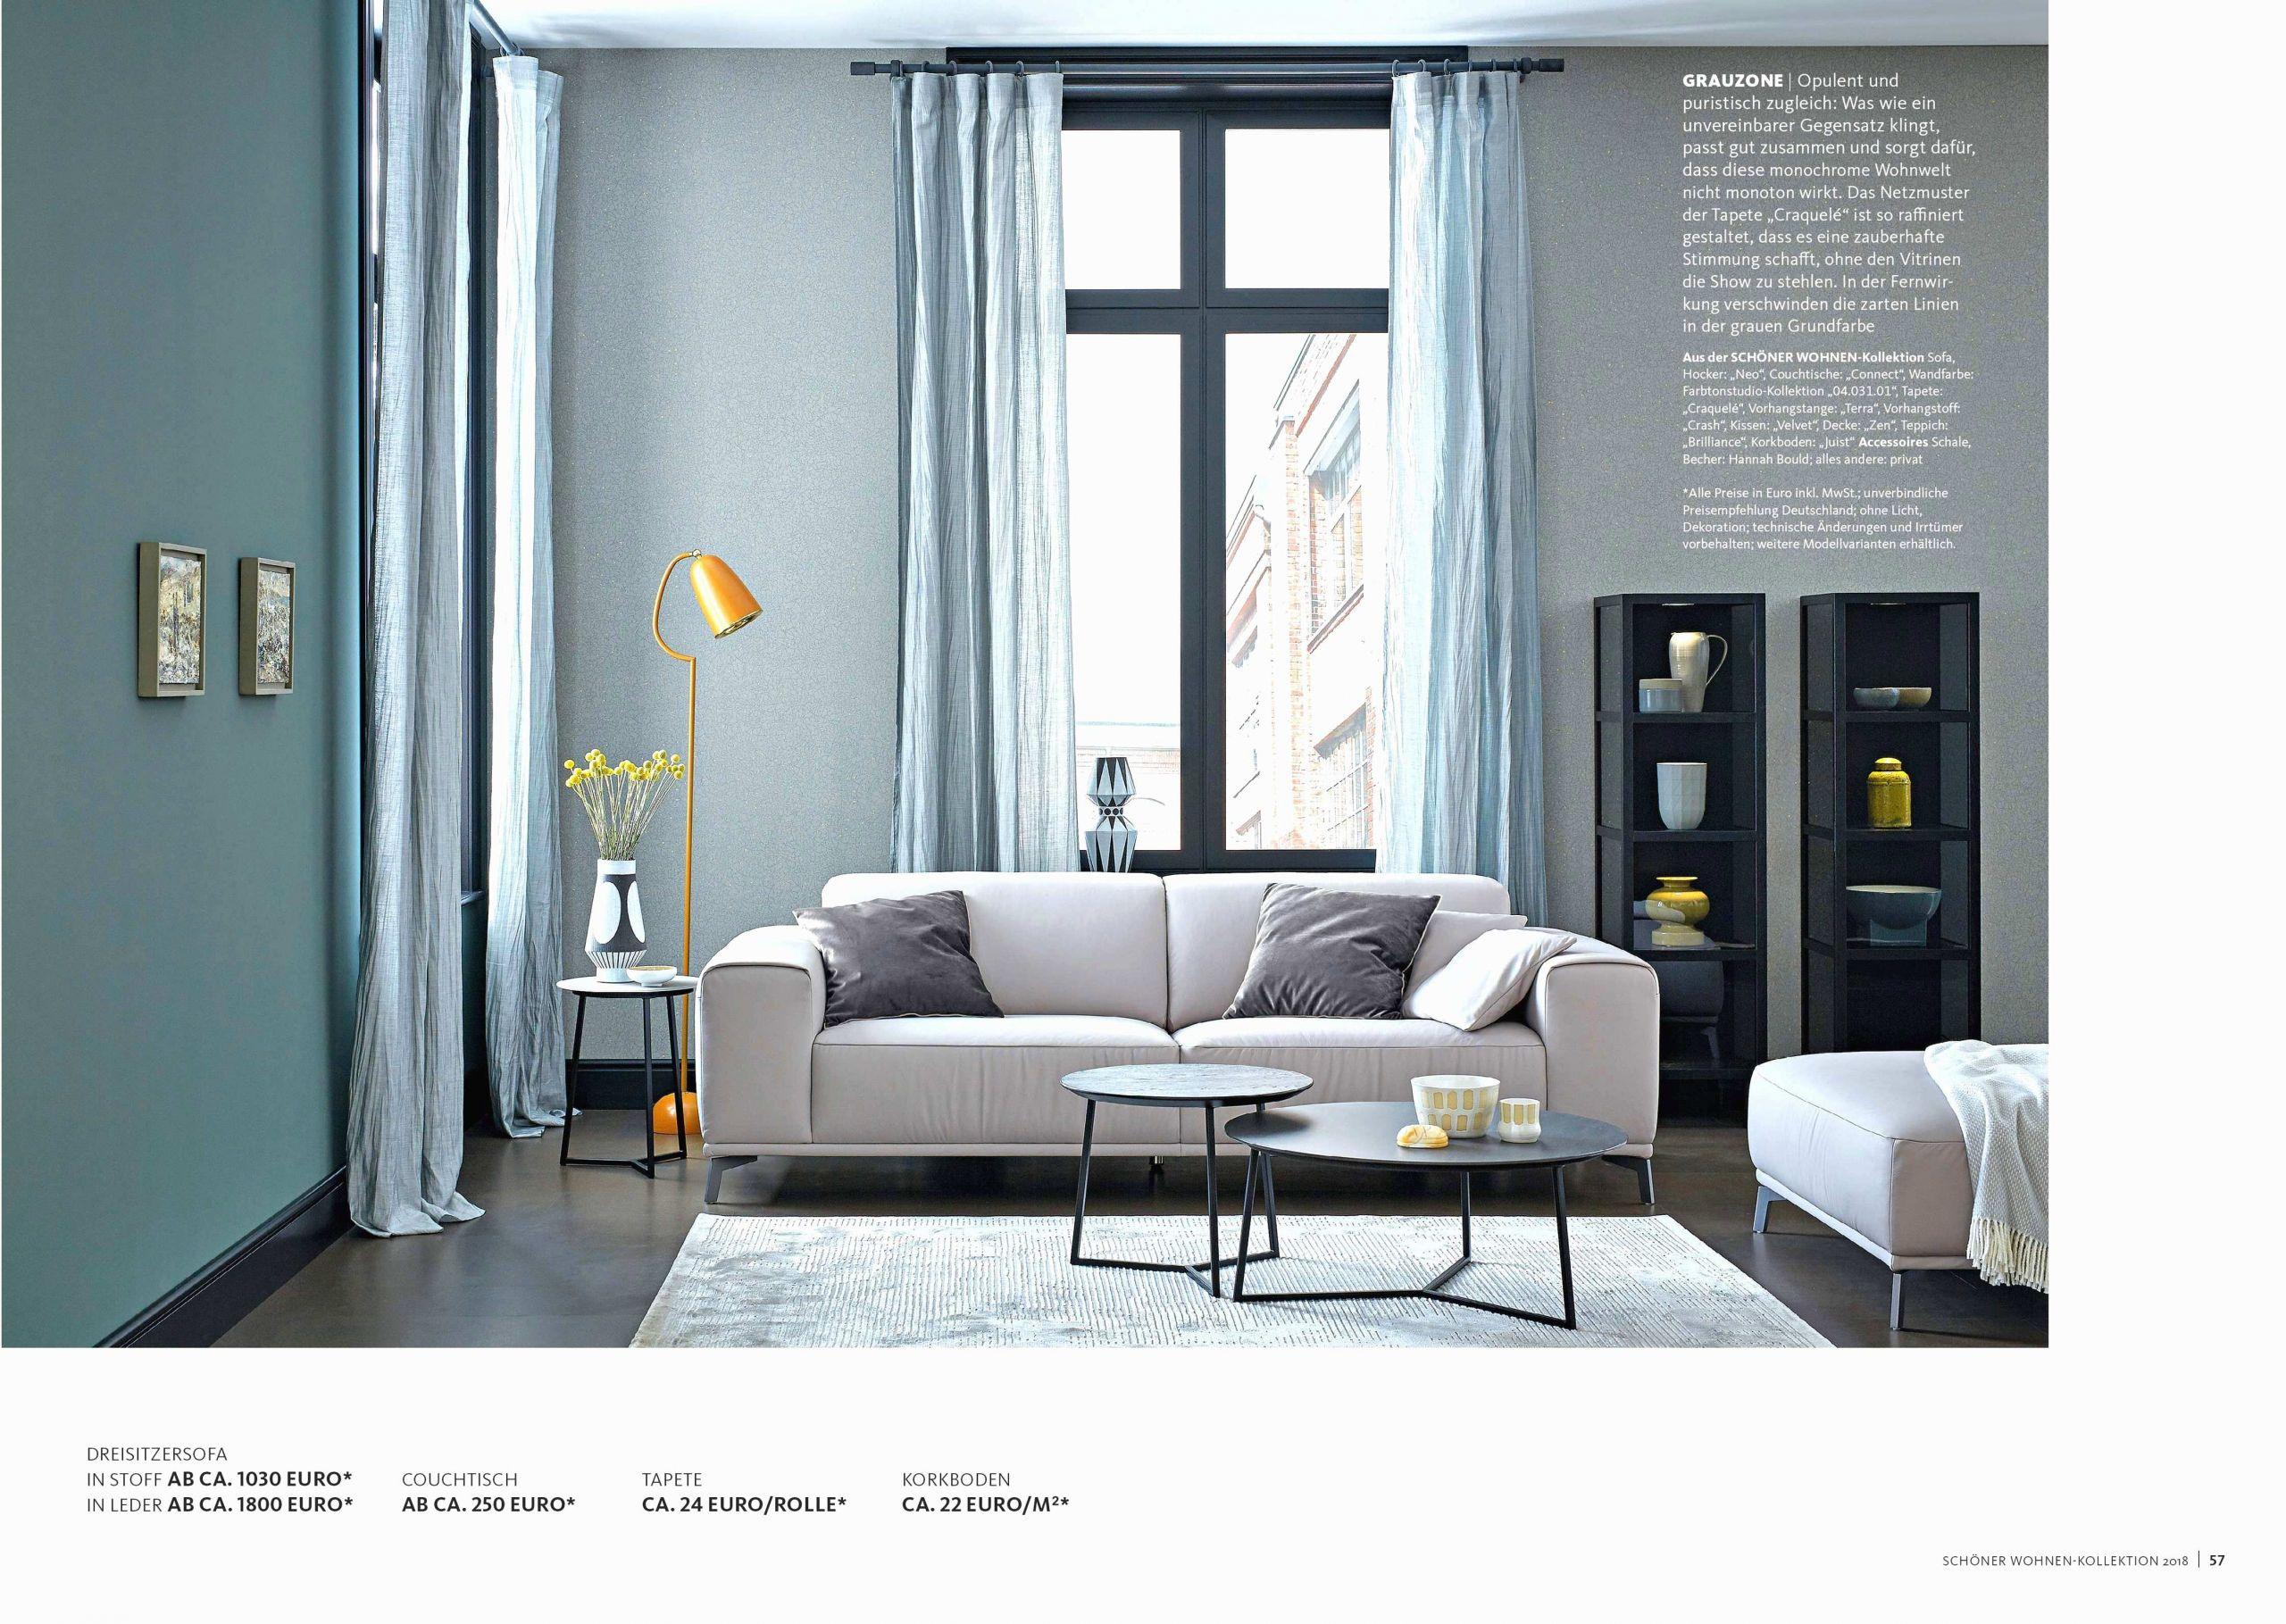 wohnzimmer deko wand frisch 45 wohnzimmer graue wand of wohnzimmer deko wand